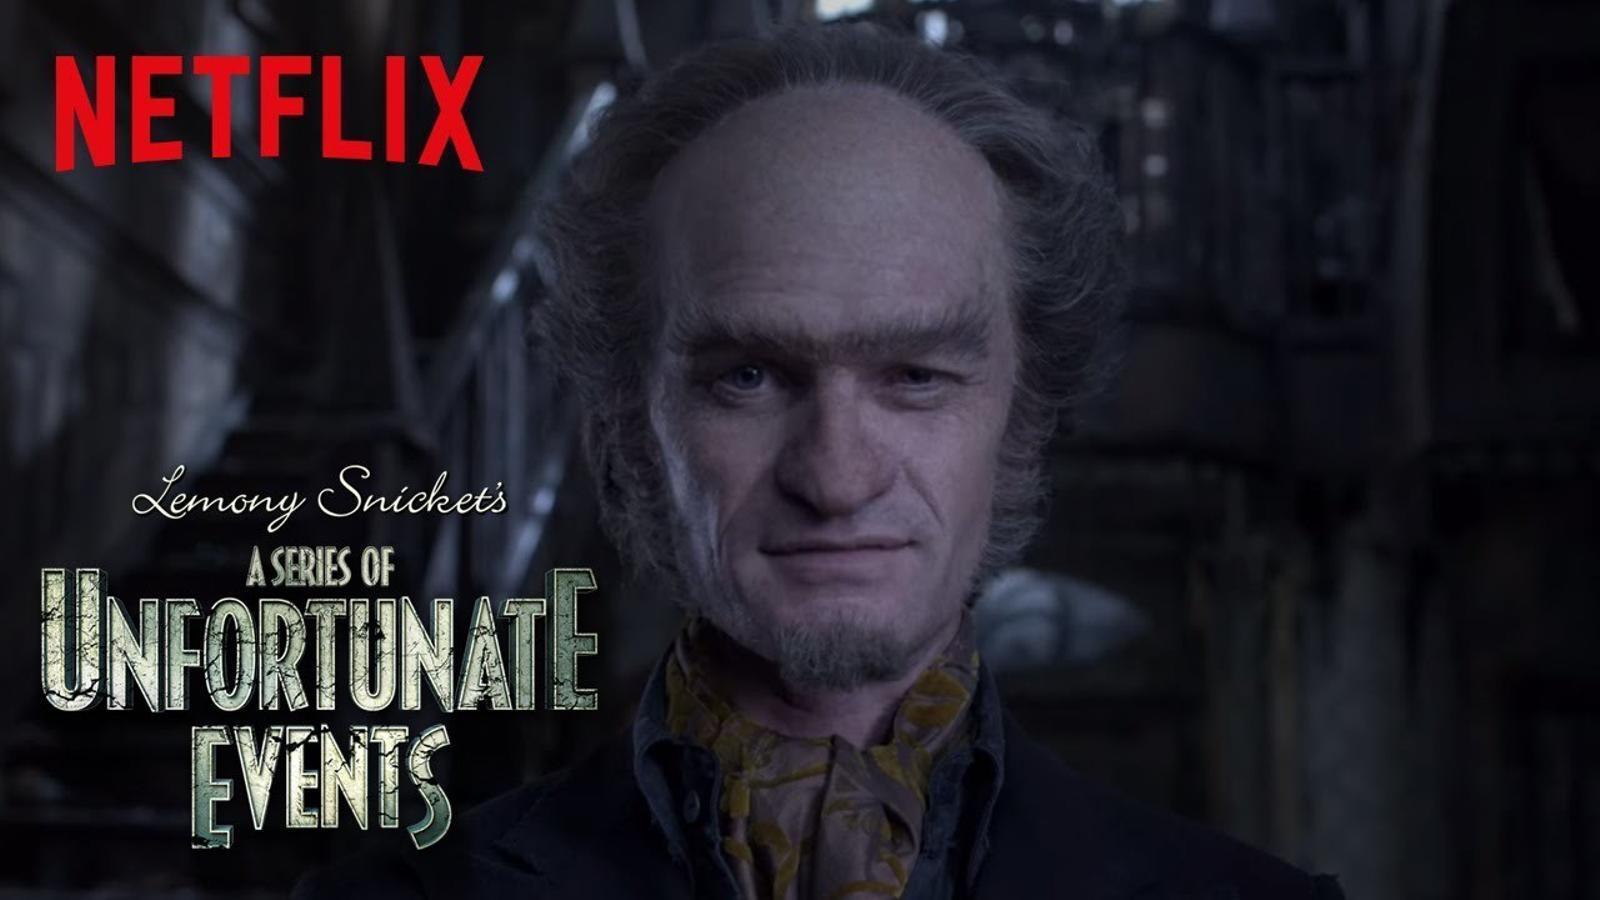 Netflix recrea les desgràcies tragicòmiques dels orfes Baudelaire